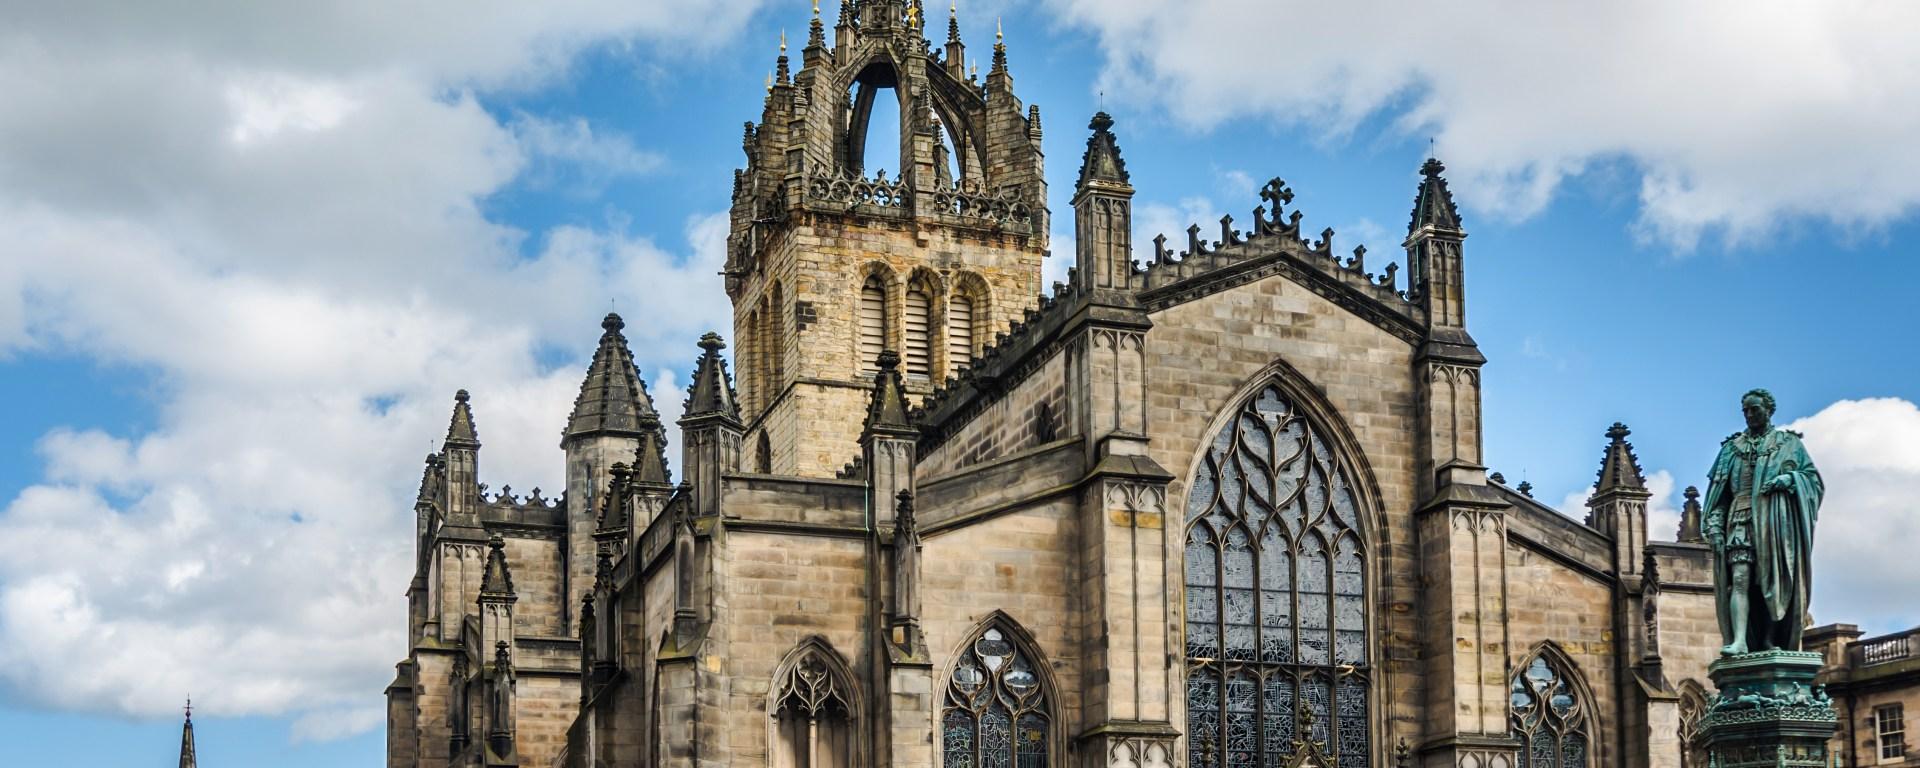 iskoçya edinburg St. Giles Katedrali